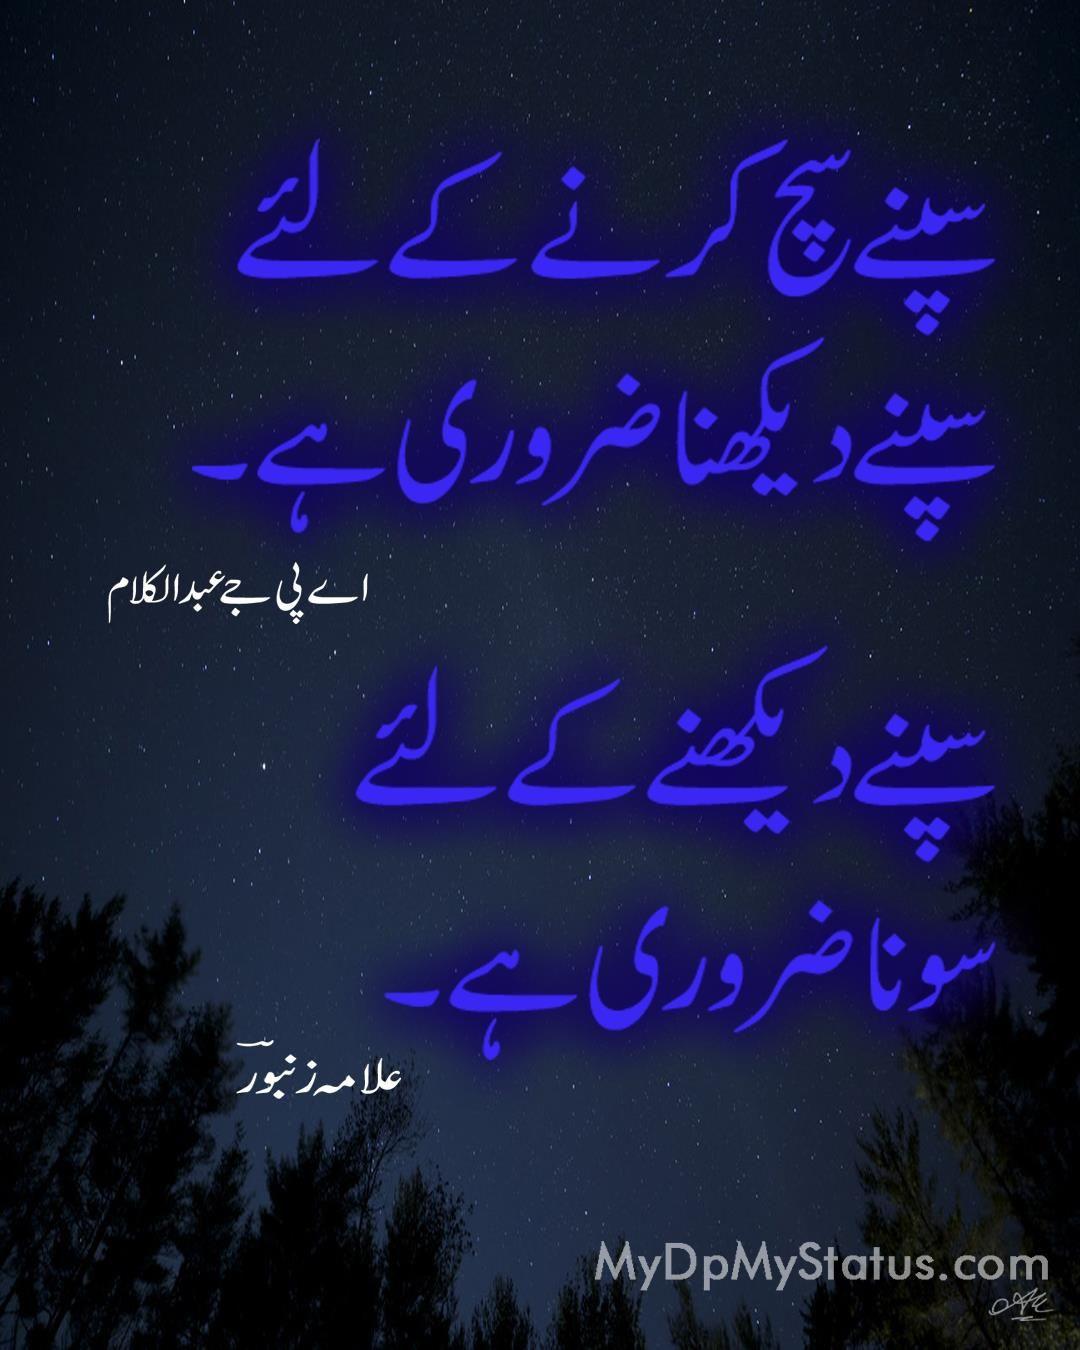 Hindi Urdu shayeri dp status best quote quotes